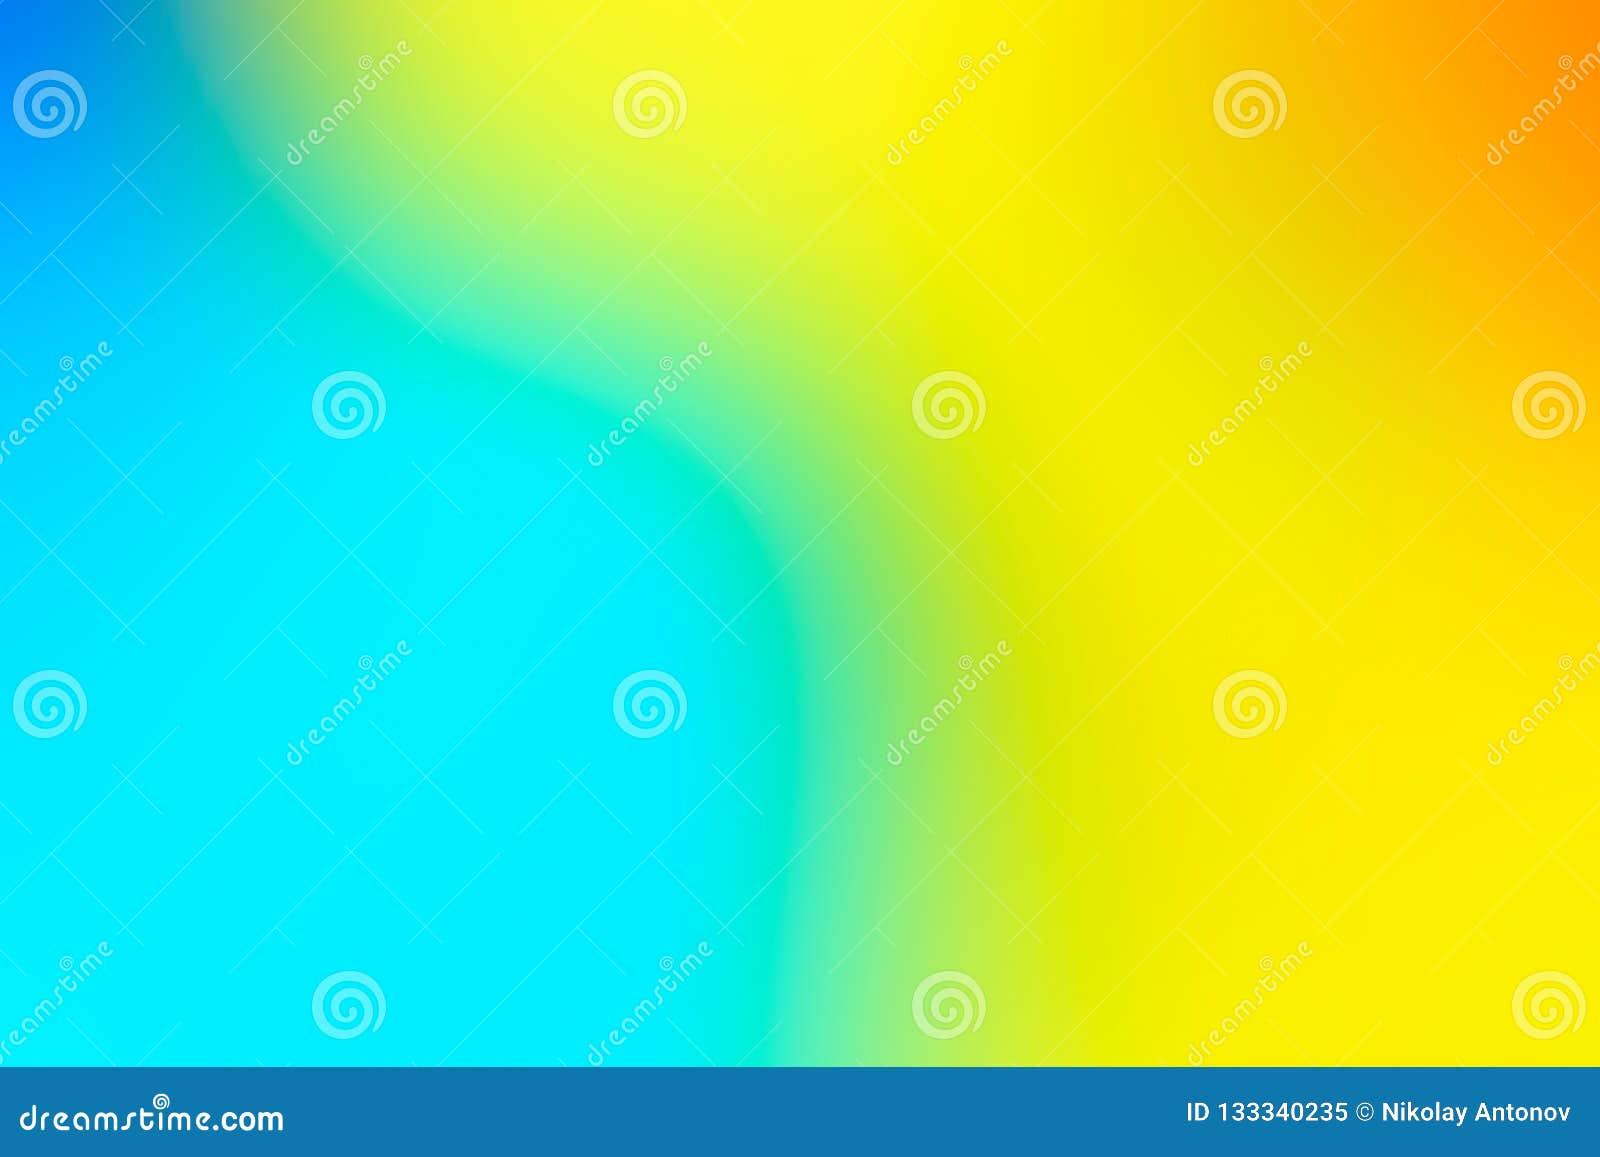 Suddig bakgrund i vibrerande neonfärger Mångfärgad oskarp texturmodell för design blå yellow för bakgrund